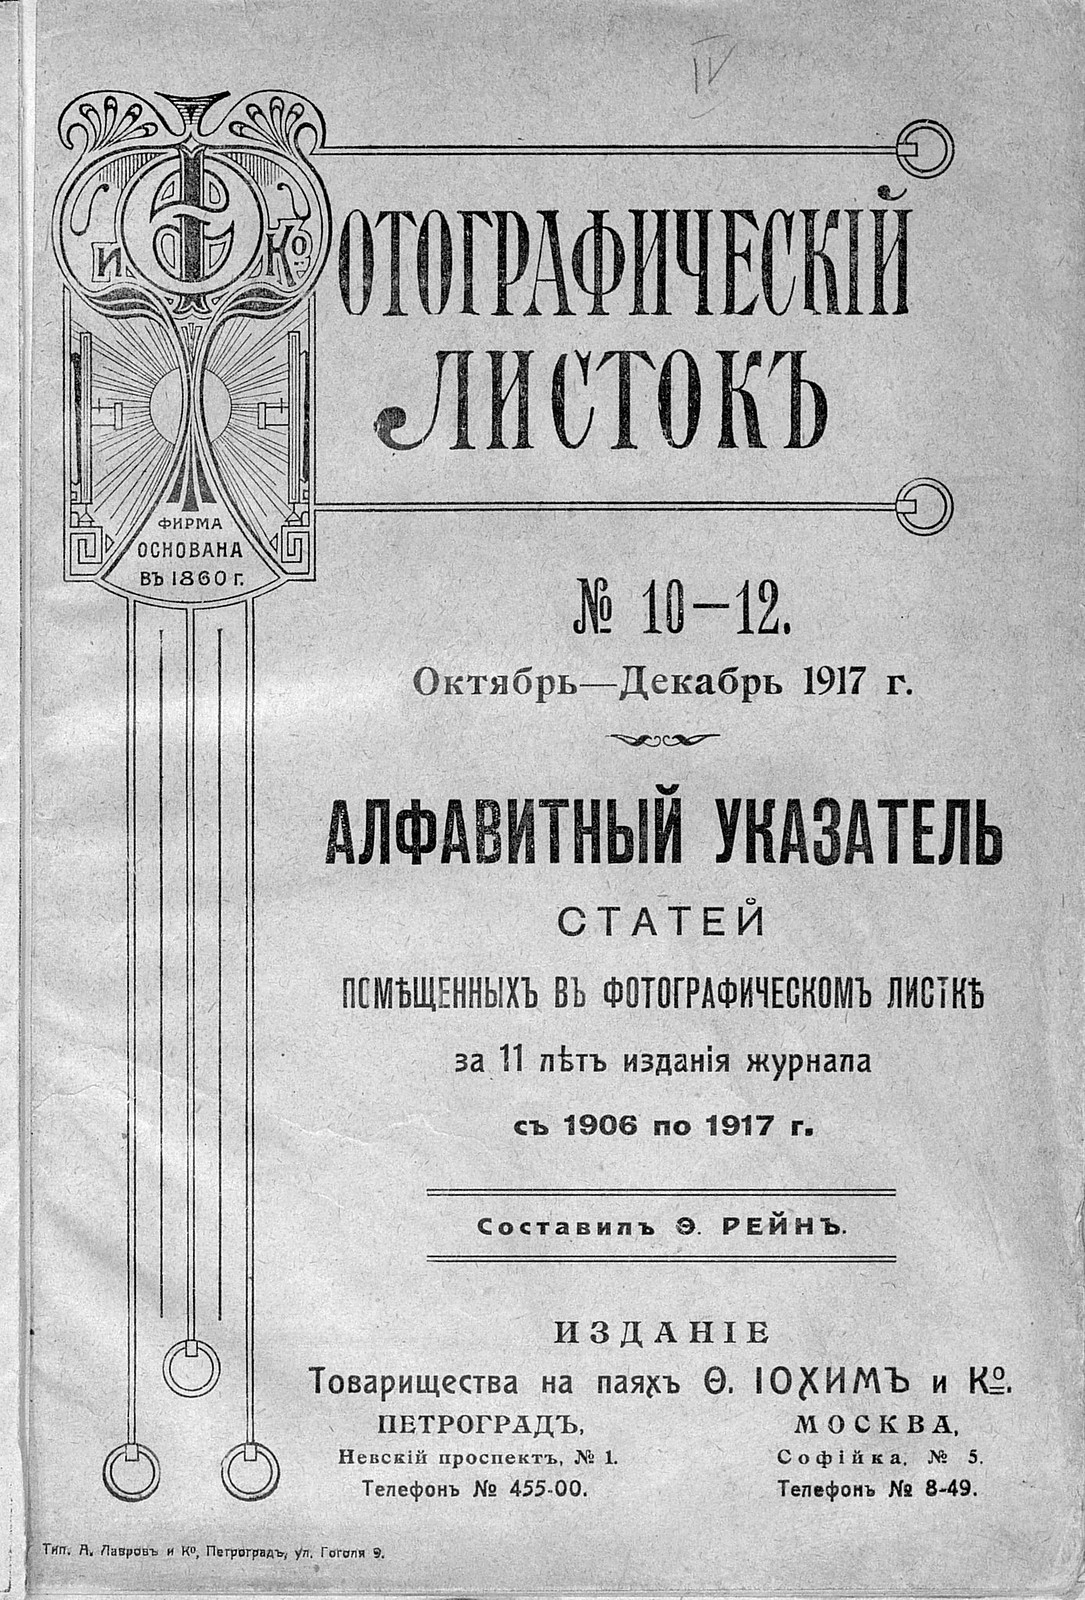 1917. Рейн Ф. Алфавитный указатель статей. 1906-1917_Страница_01